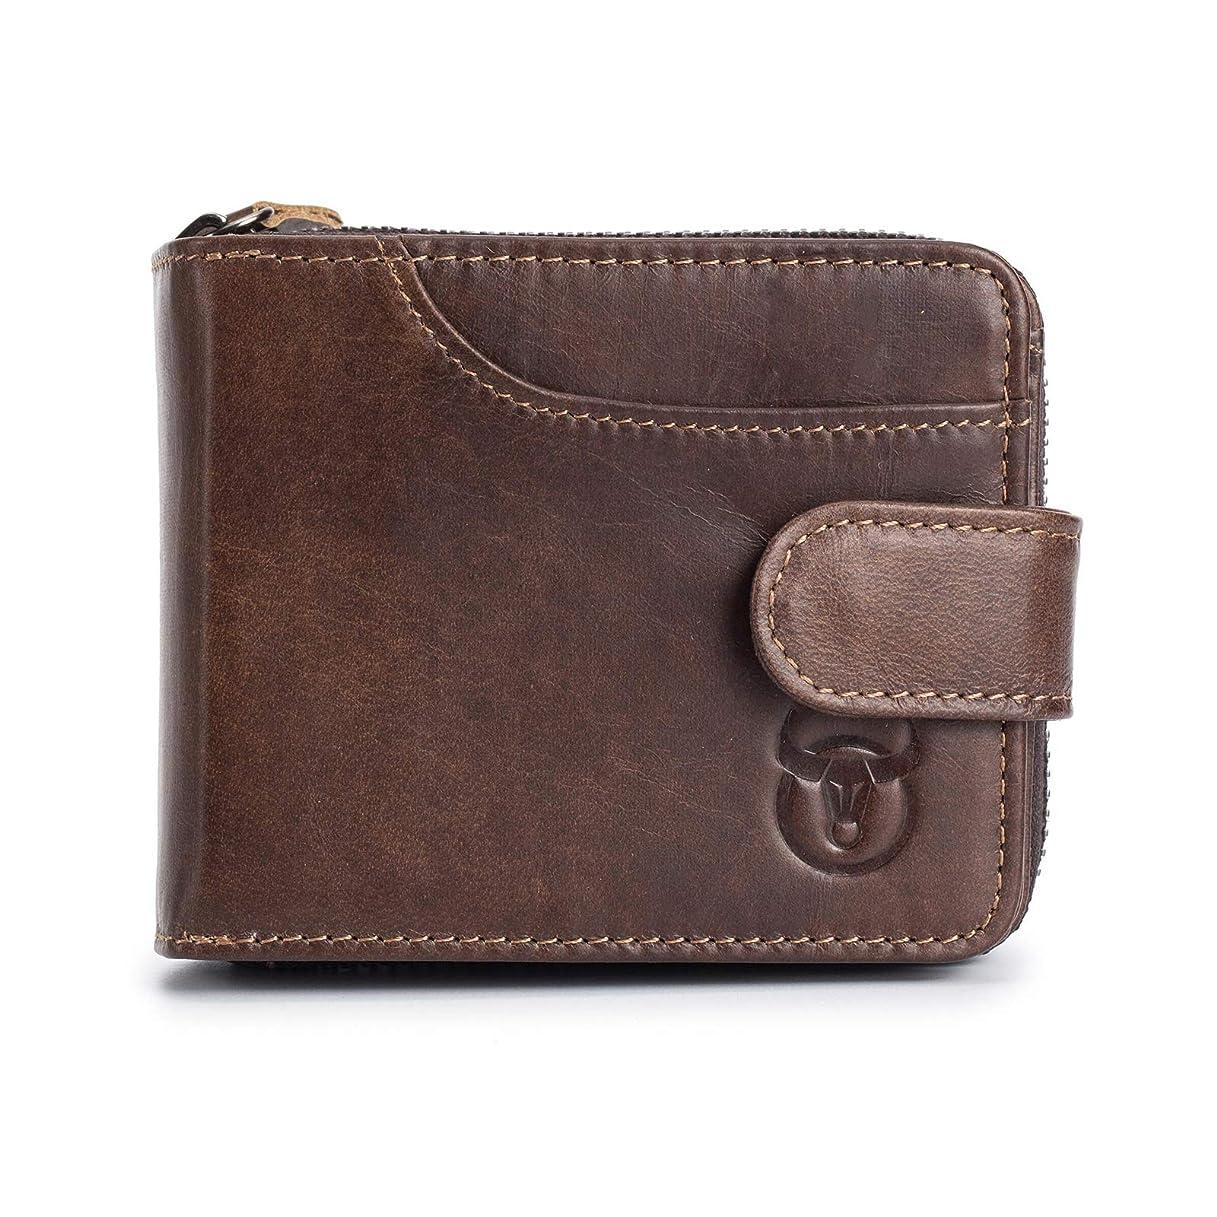 部族ピュー慢なAdisaer-レザー メンズ 男性用 財布 小銭入れ 二つ折り カード入れ 記念日 父の日 誕生日 ギフト プレゼント 特別な贈り物